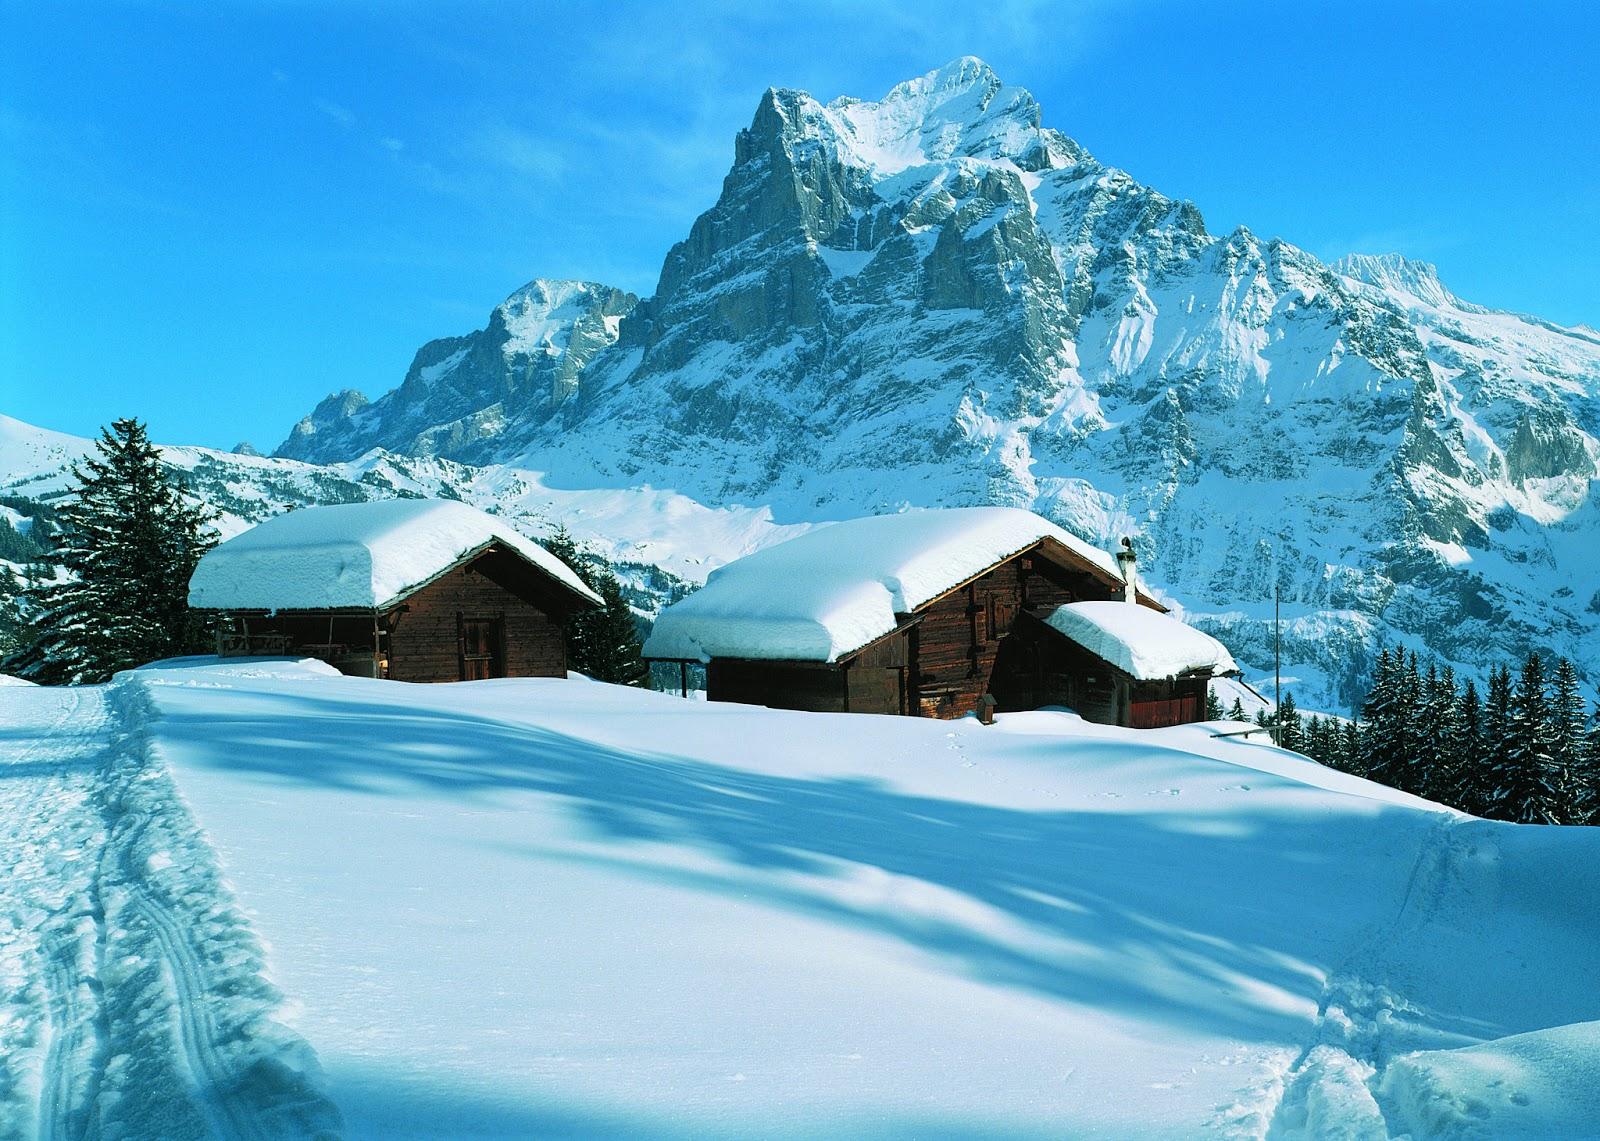 #Alpes, Geologia, Relevo, Clima e Vegetação das Regiões Alpinas